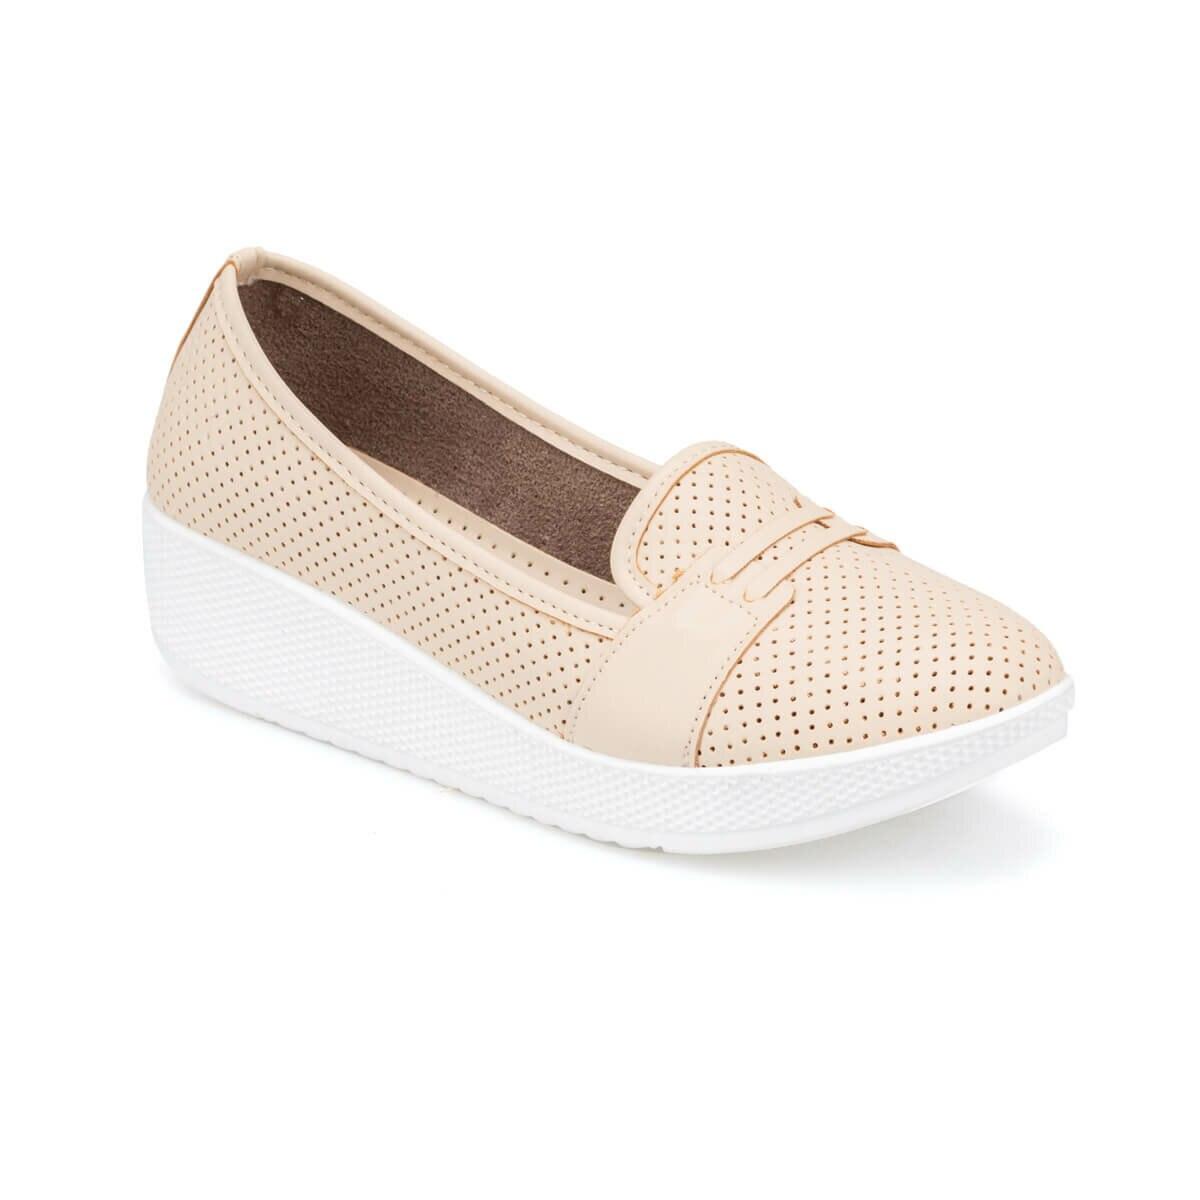 FLO 91.150675.Z Beige Women 'S Shoes Polaris